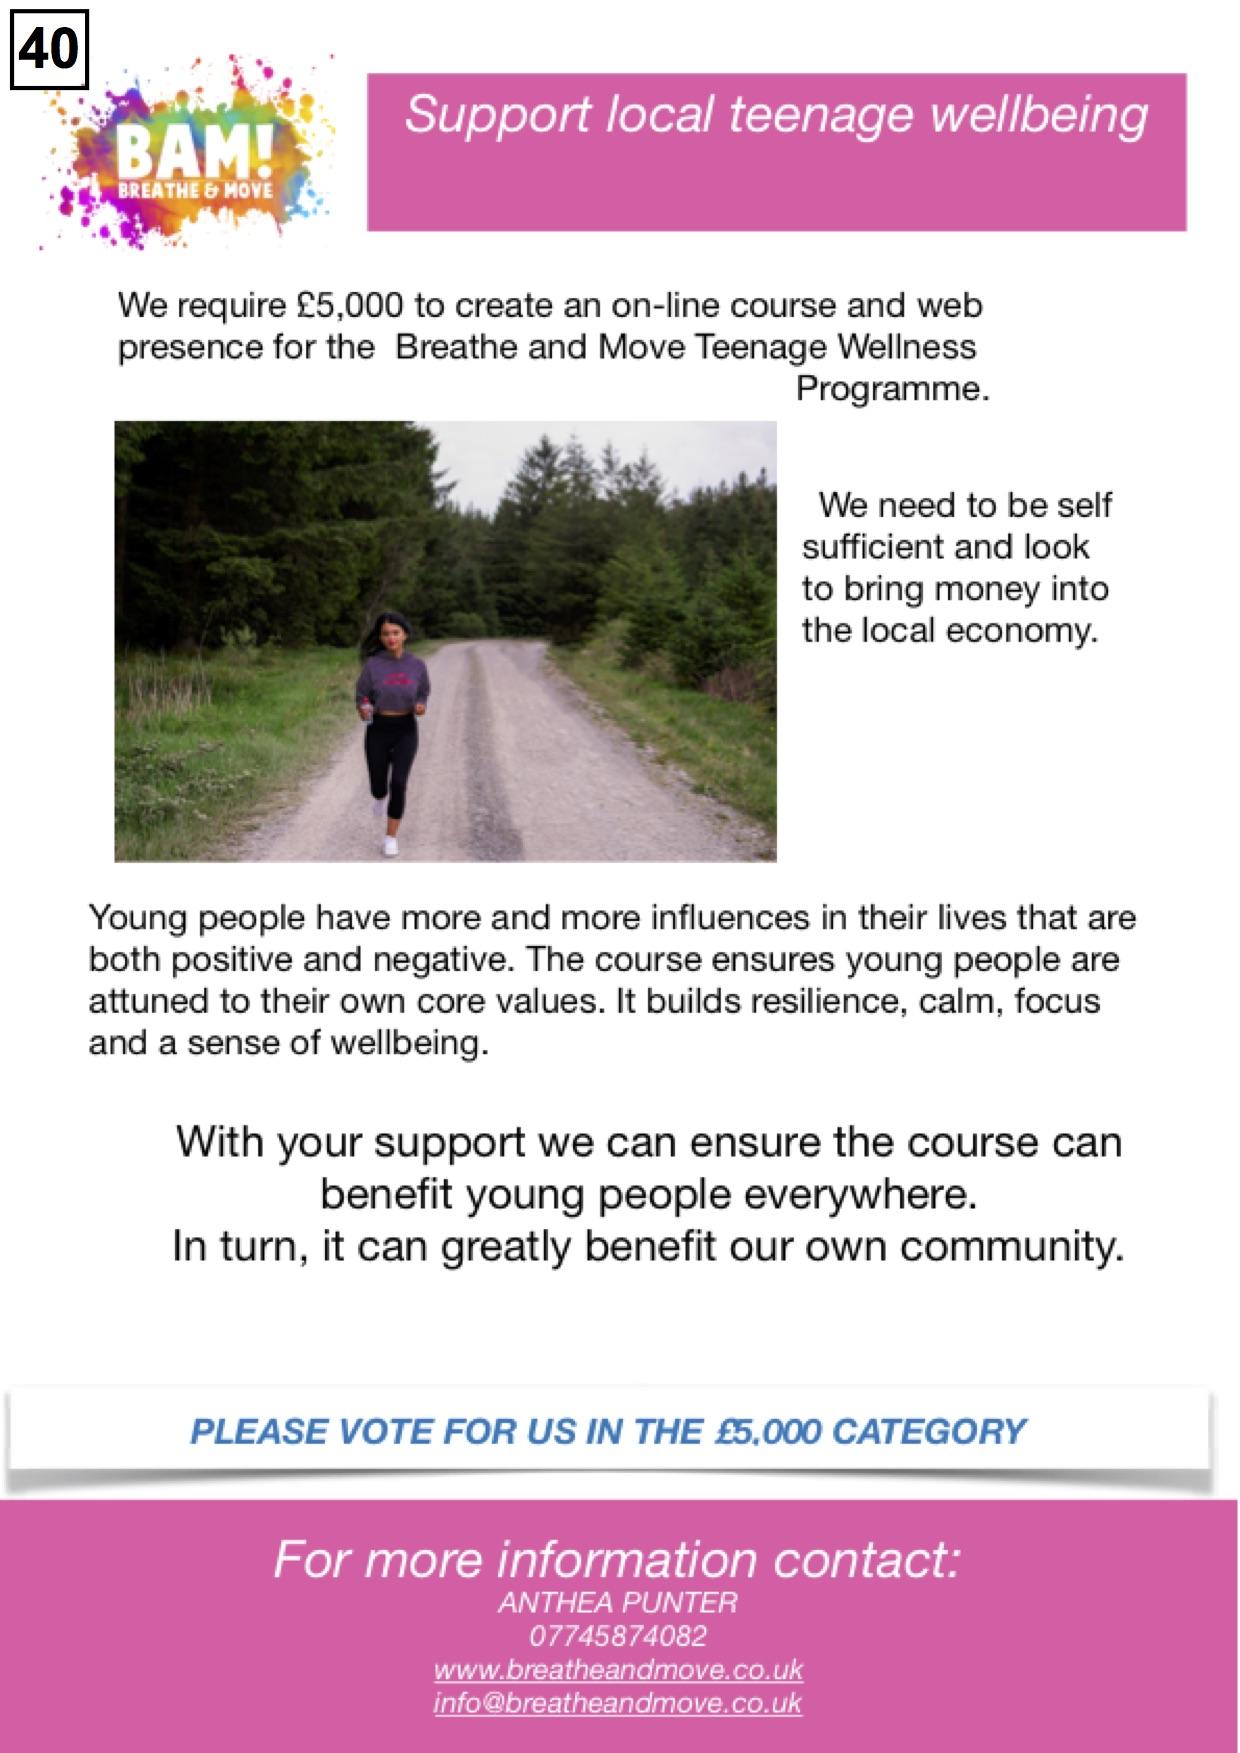 40. BAM - Poster £5000 - 300919